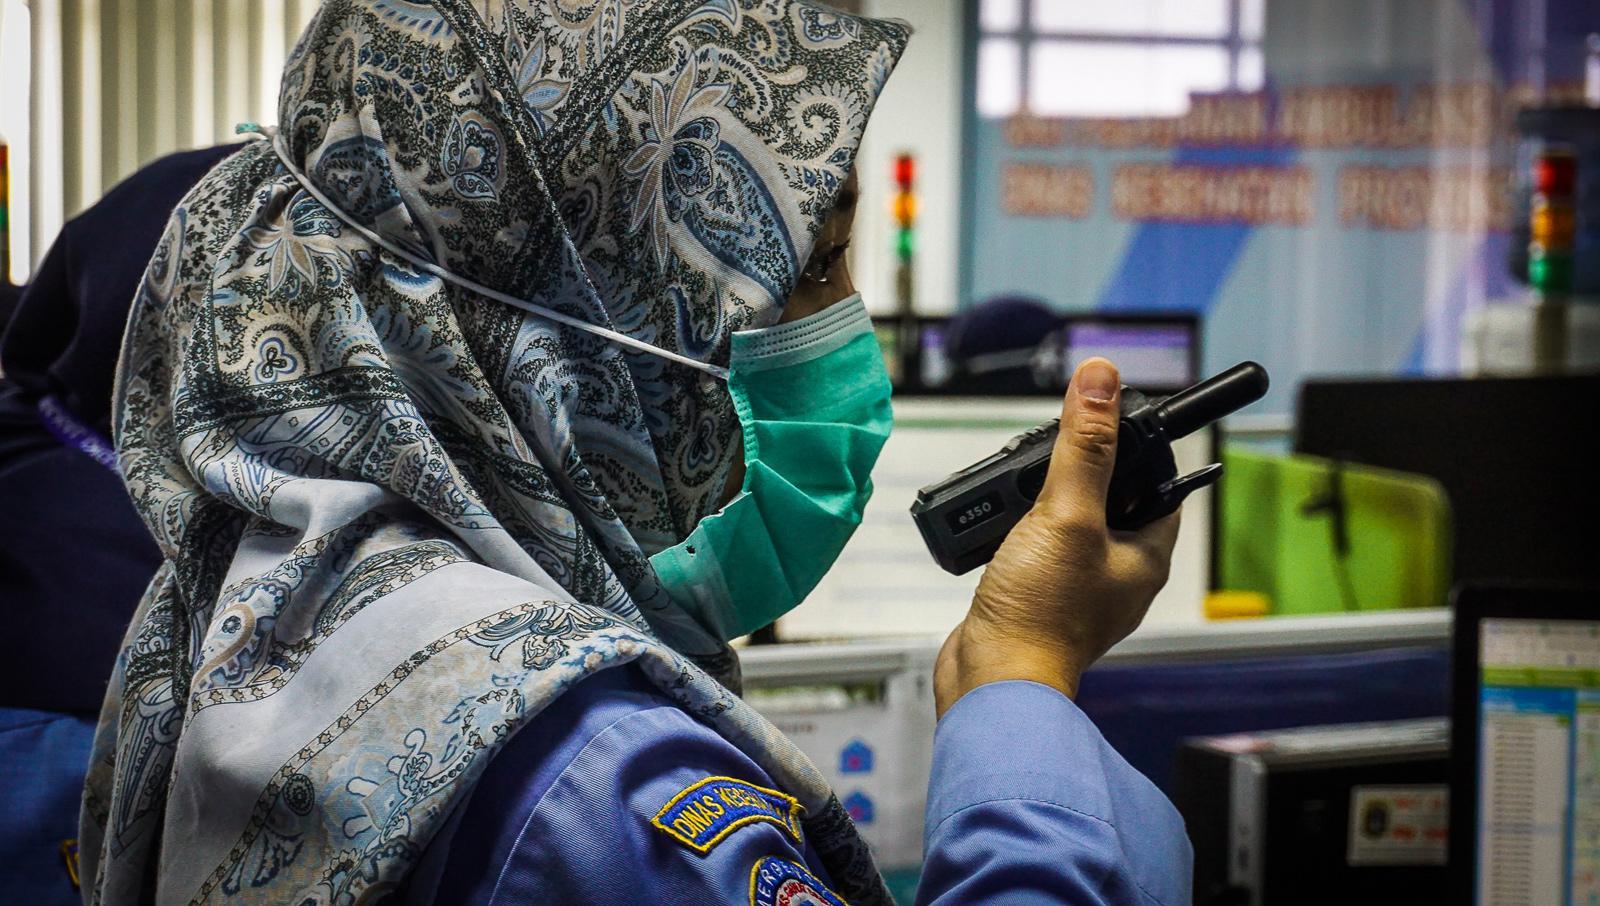 Ketika panggilan masuk ke pusat komando, operator akan menghubungi ambulans terdekat dan menjelaskan kondisi pasien.